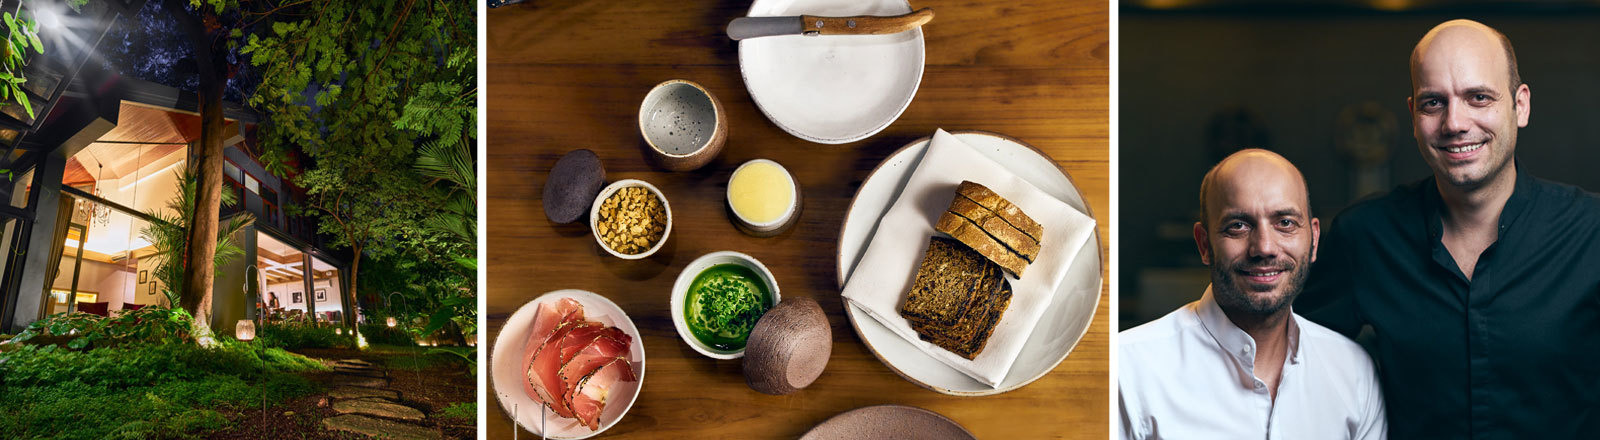 Restaurant Sühring in Bangkok: Außenansicht, Speisenauswahl, Thomas und Mathias Sühring